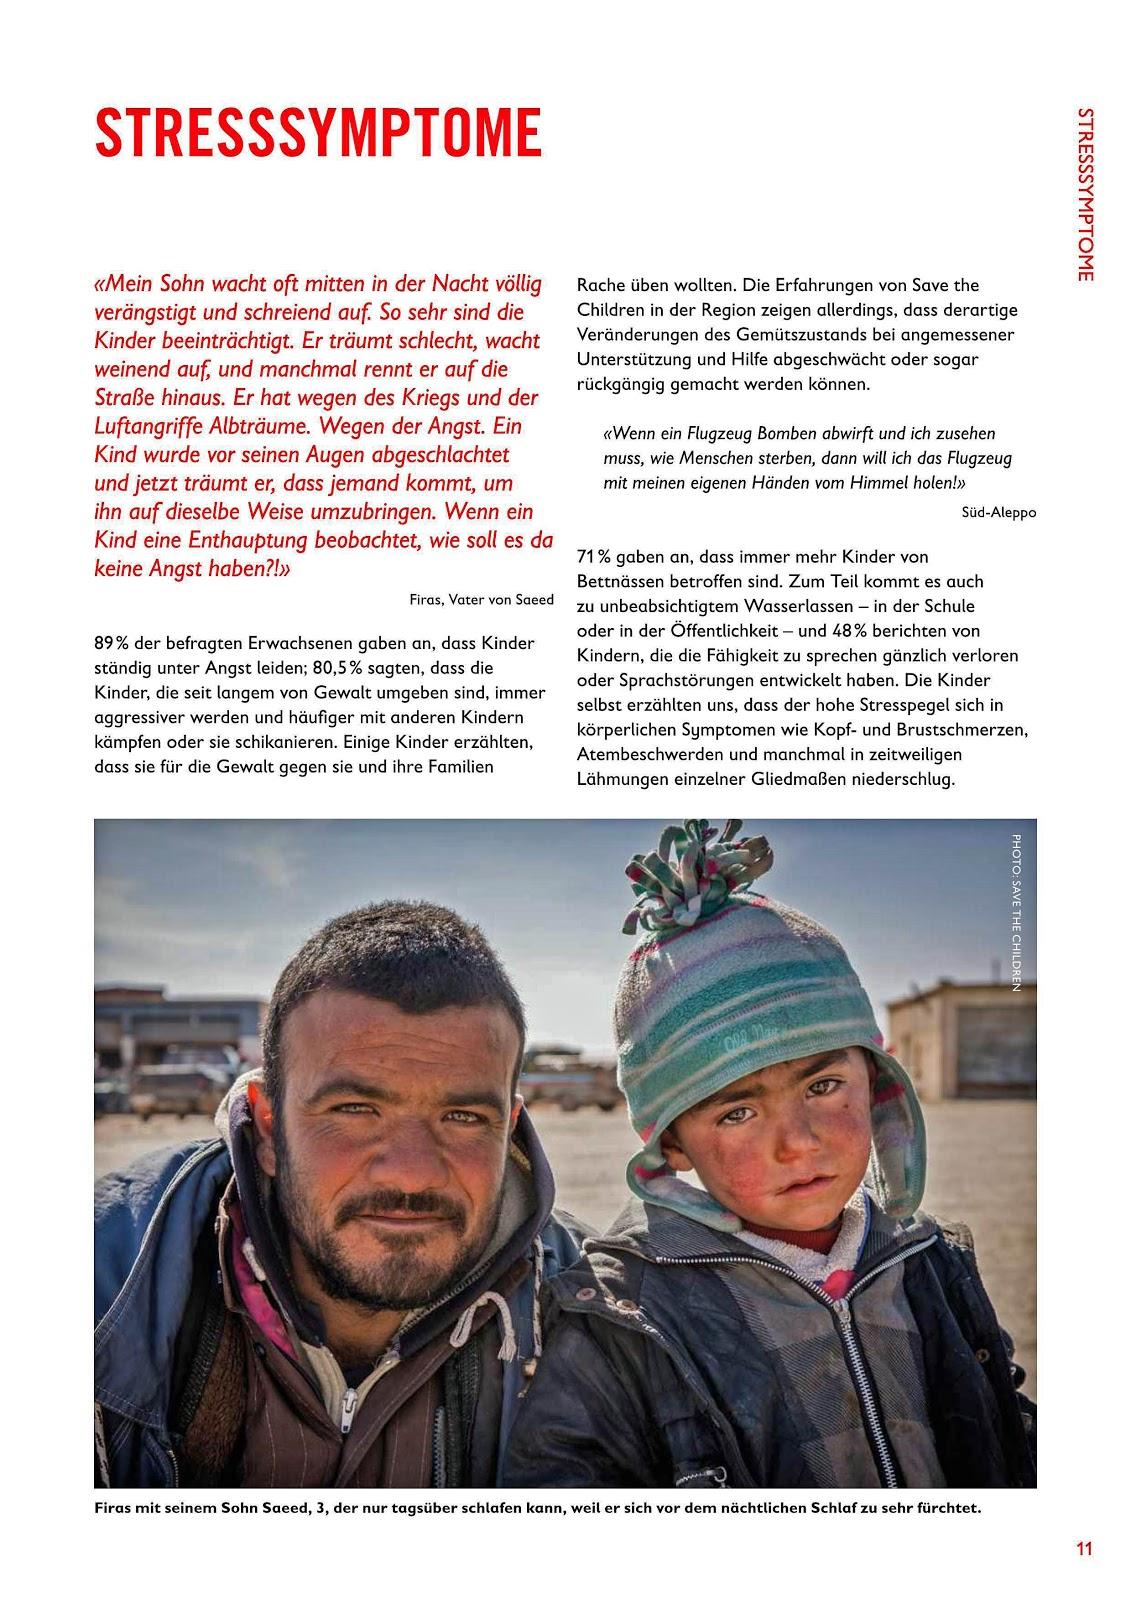 Gerrys Blog: News: Syriens Bürgerkrieg in Bildern